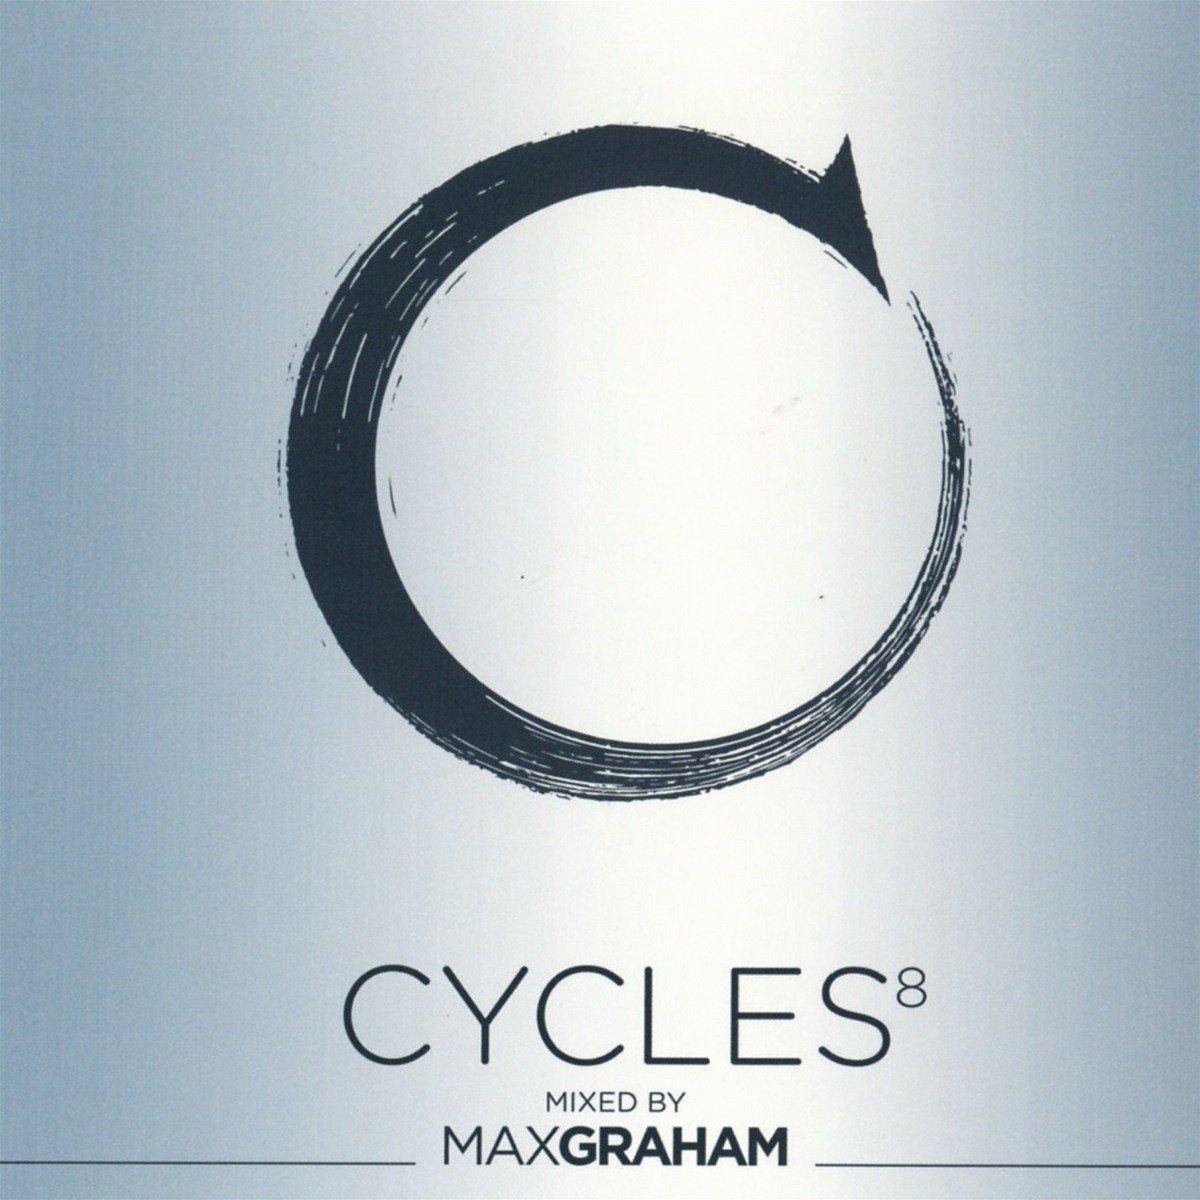 VA - Cycles 8  Mixed by Max Graham (2017) [FLAC] Download